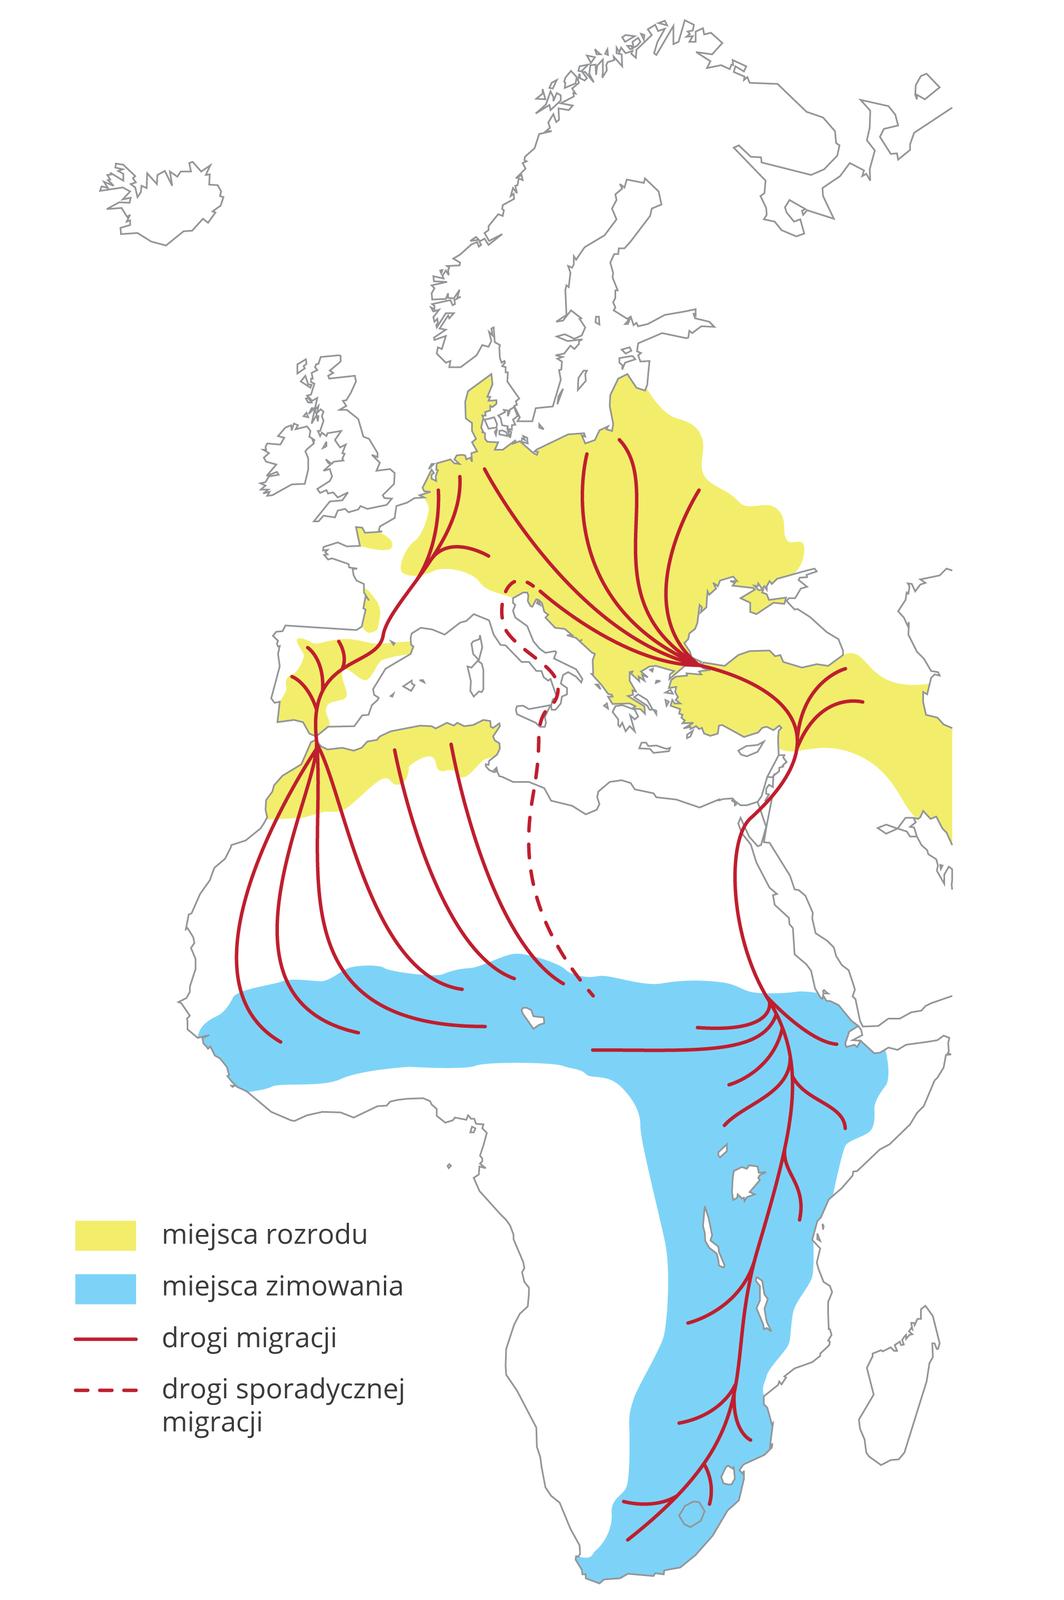 Ilustracja przedstawia wycinek mapy świata zczęścią Europy iAfryką. Żółtym kolorem oznaczono na niej miejsca rozrodu bocianów białych. Niebieski kolor oznacza miejsca ich zimowania. Czerwone linie wskazują drogi migracji. Czerwona linia przerywana oznacza drogę sporadycznej migracji.